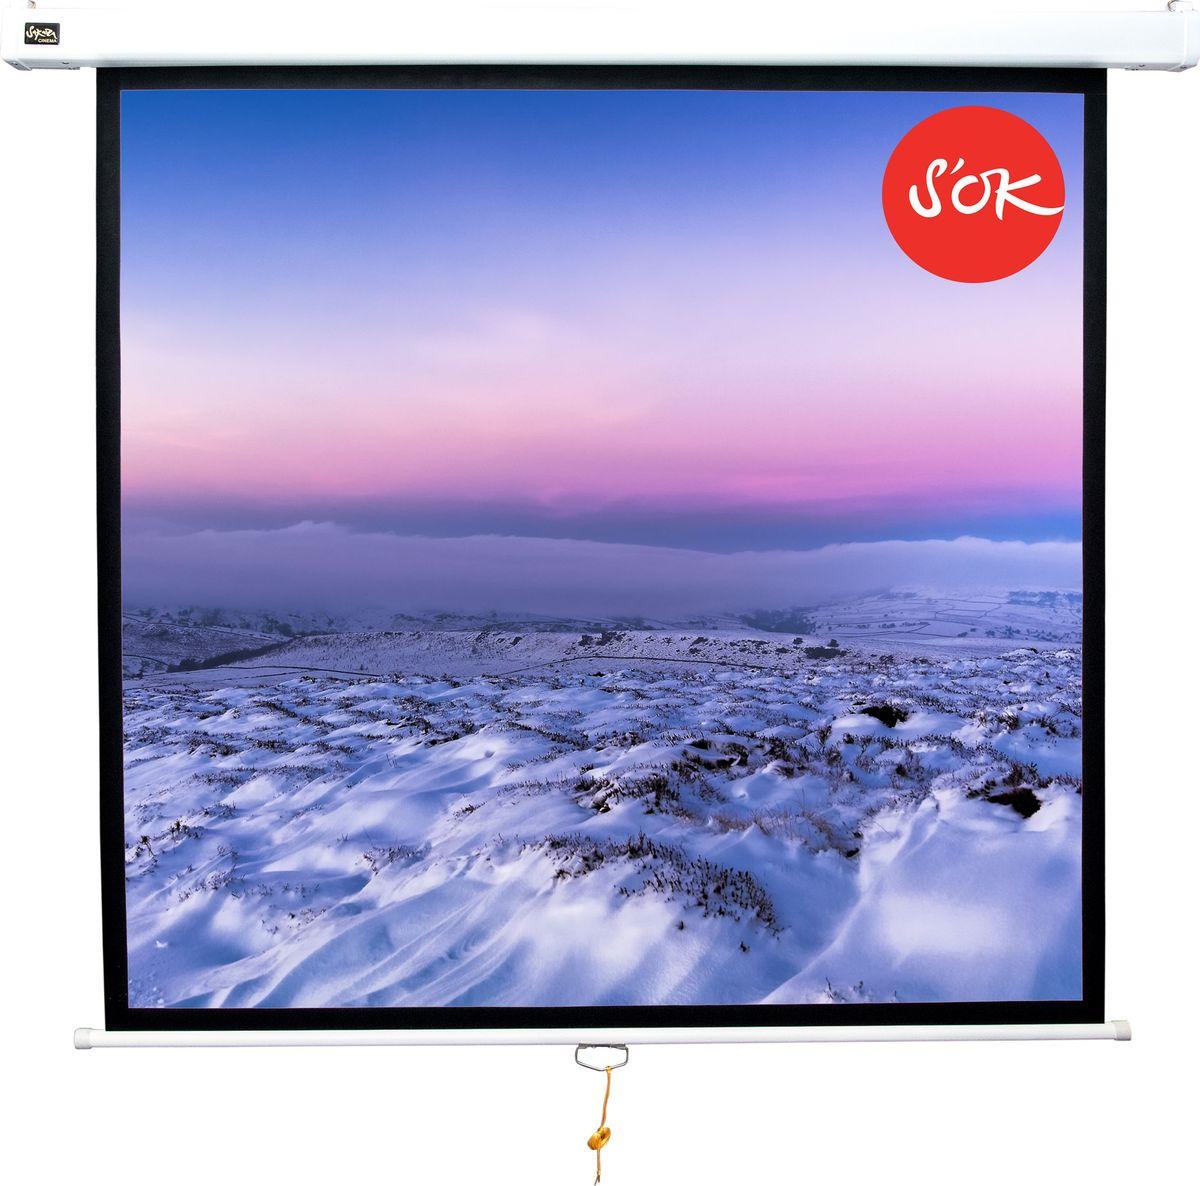 цена на Экран проекционный Cinema S'OK SCPSW-127X127 1:1 настенно-потолочный, белый